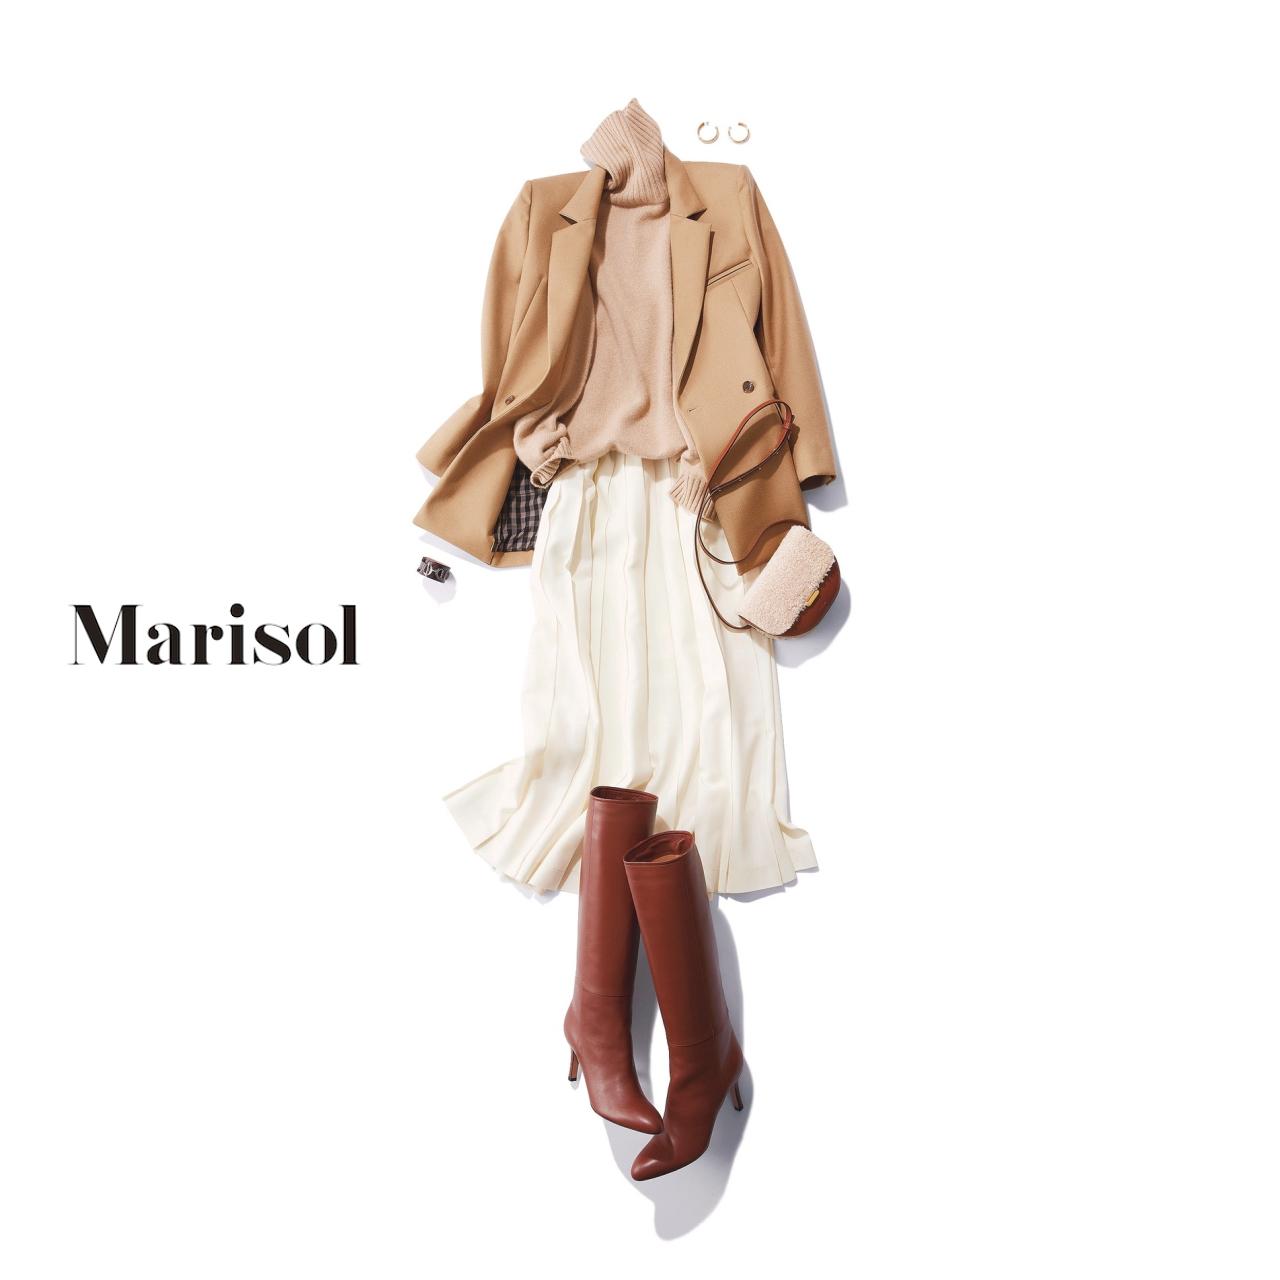 40代ファッション ベージュジャケット×ベージュニット×白スカート×ブラウンブーツコーデ